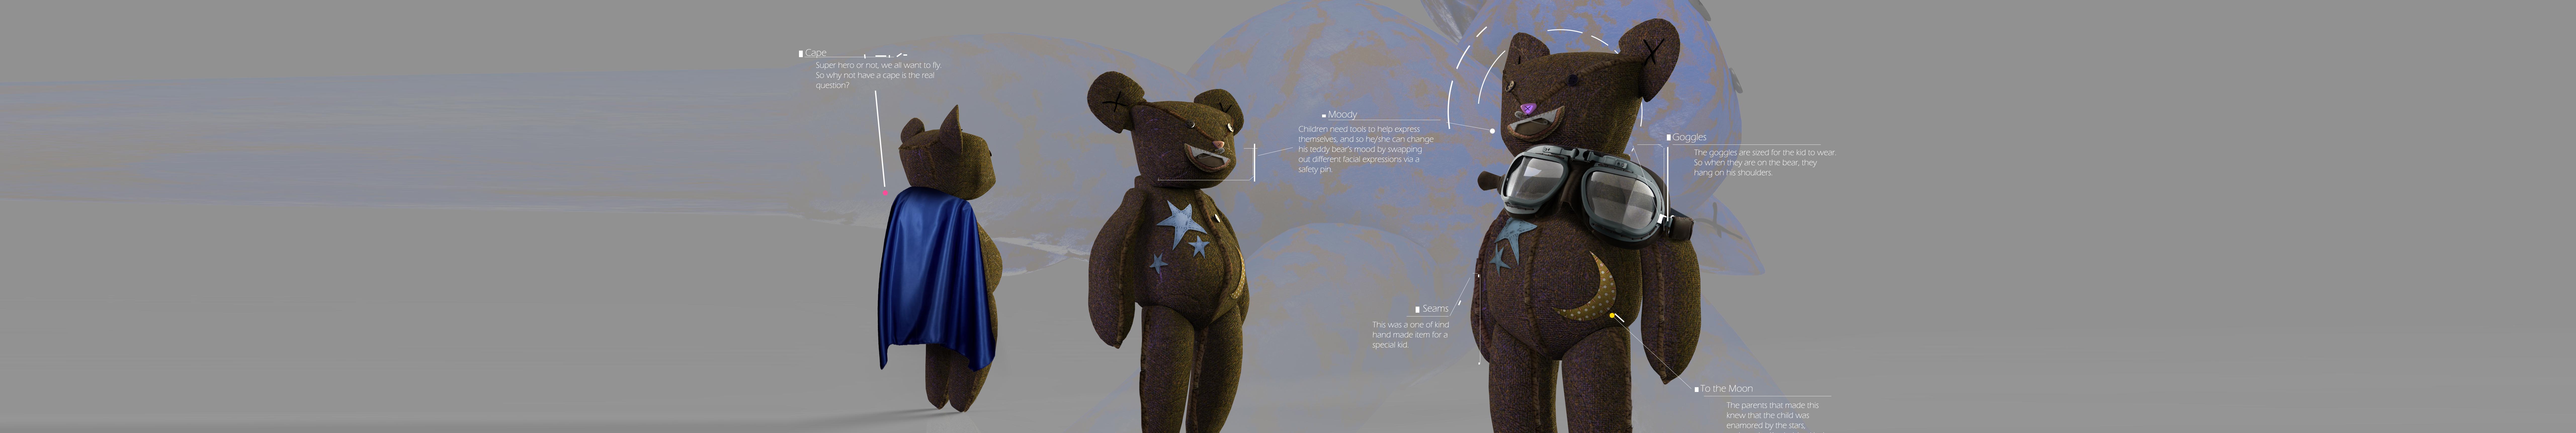 teddy_bear_ortho